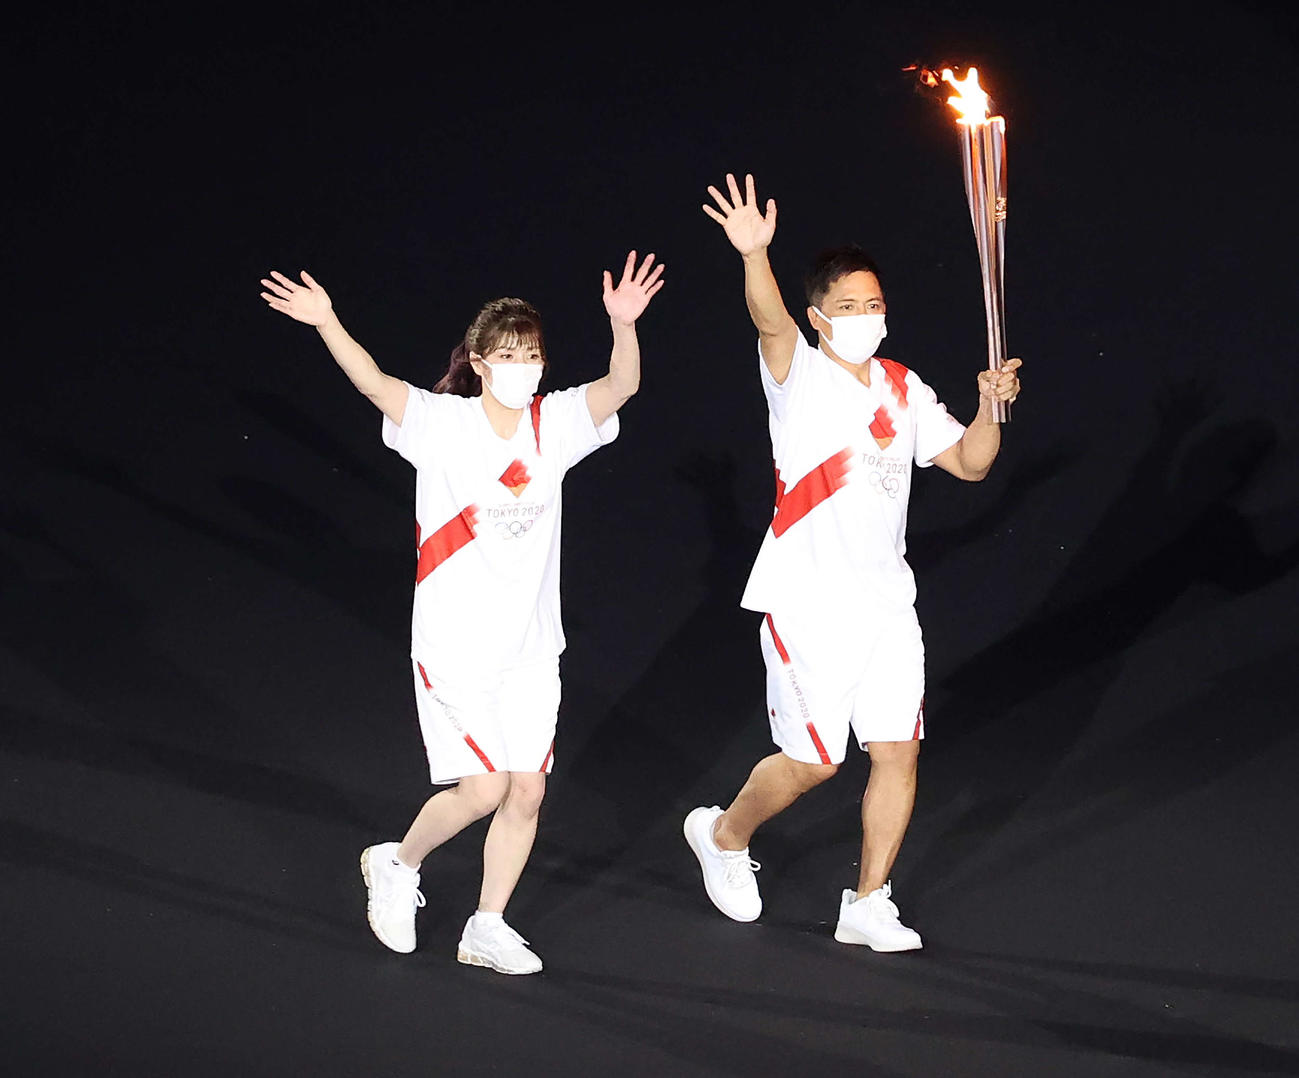 23日、聖火を運ぶ吉田氏(左)と野村氏